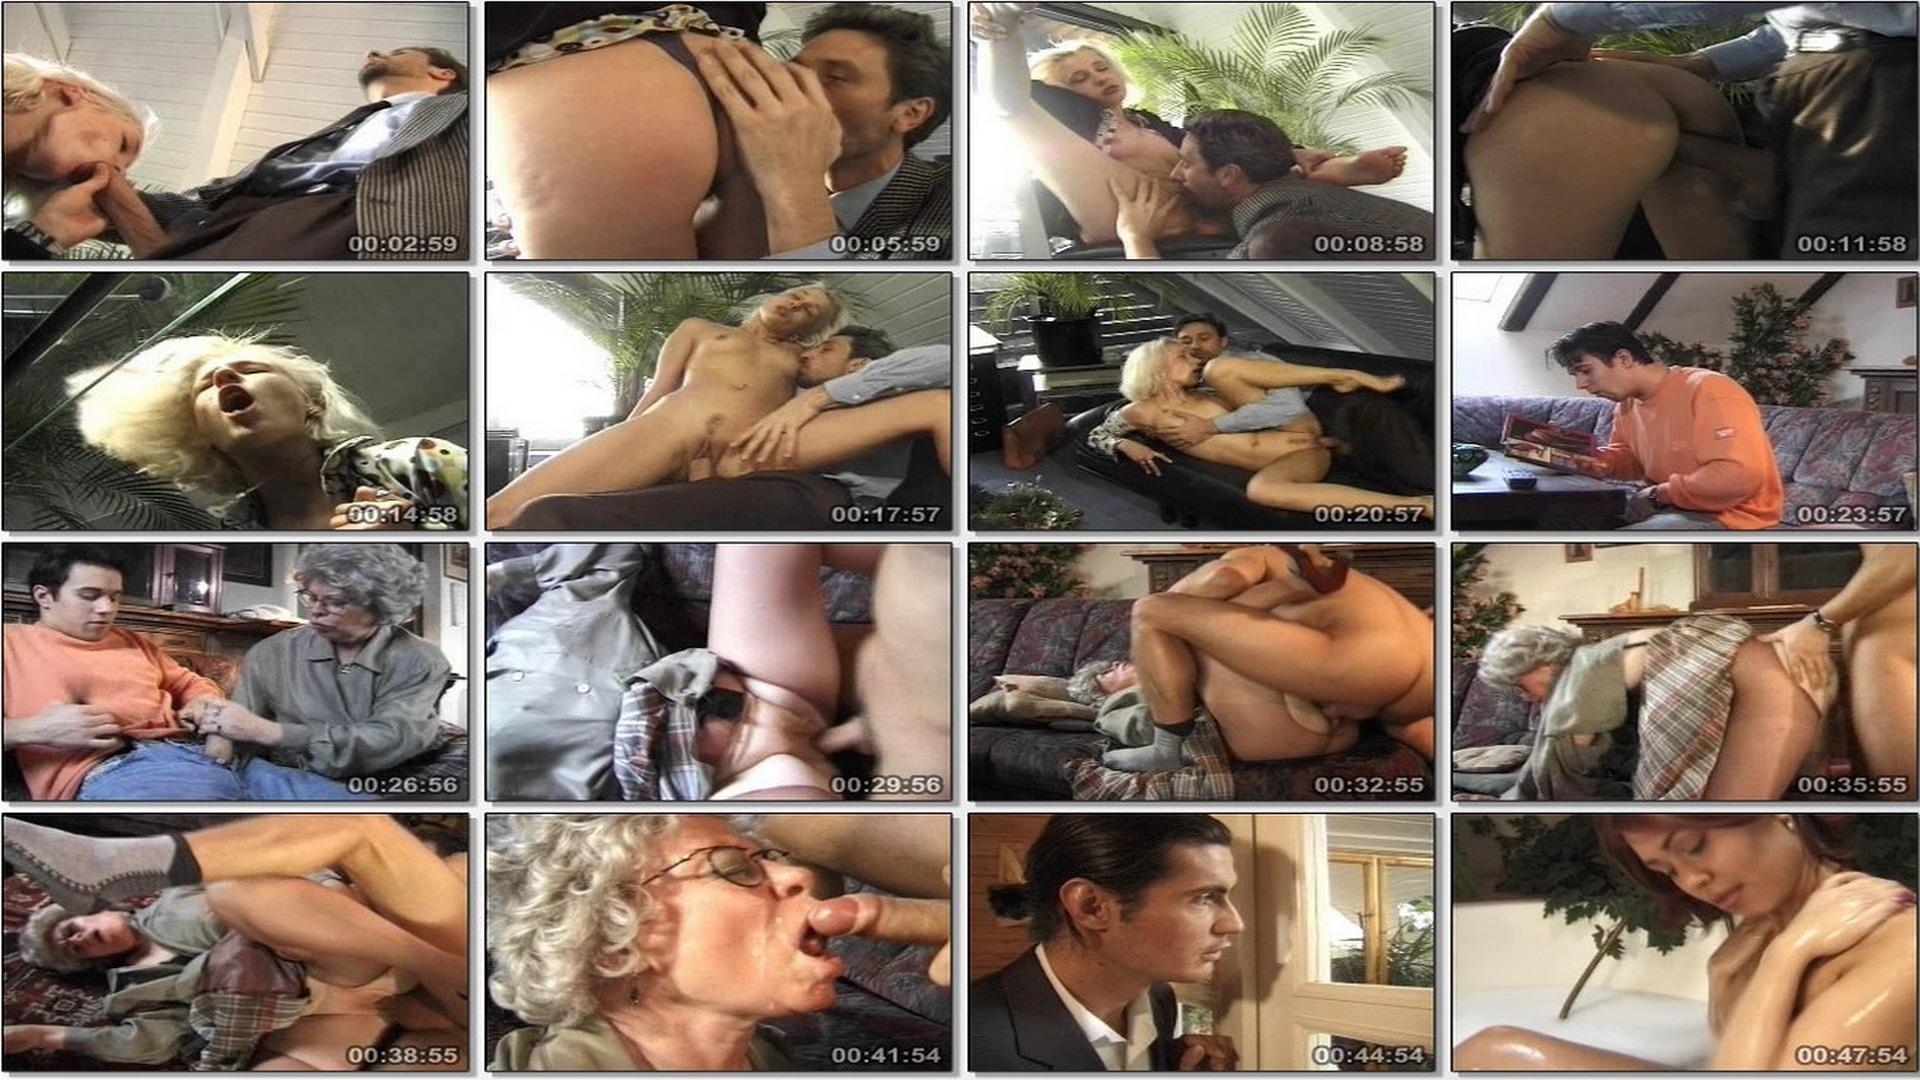 yaponskaya-semya-porno-filmi